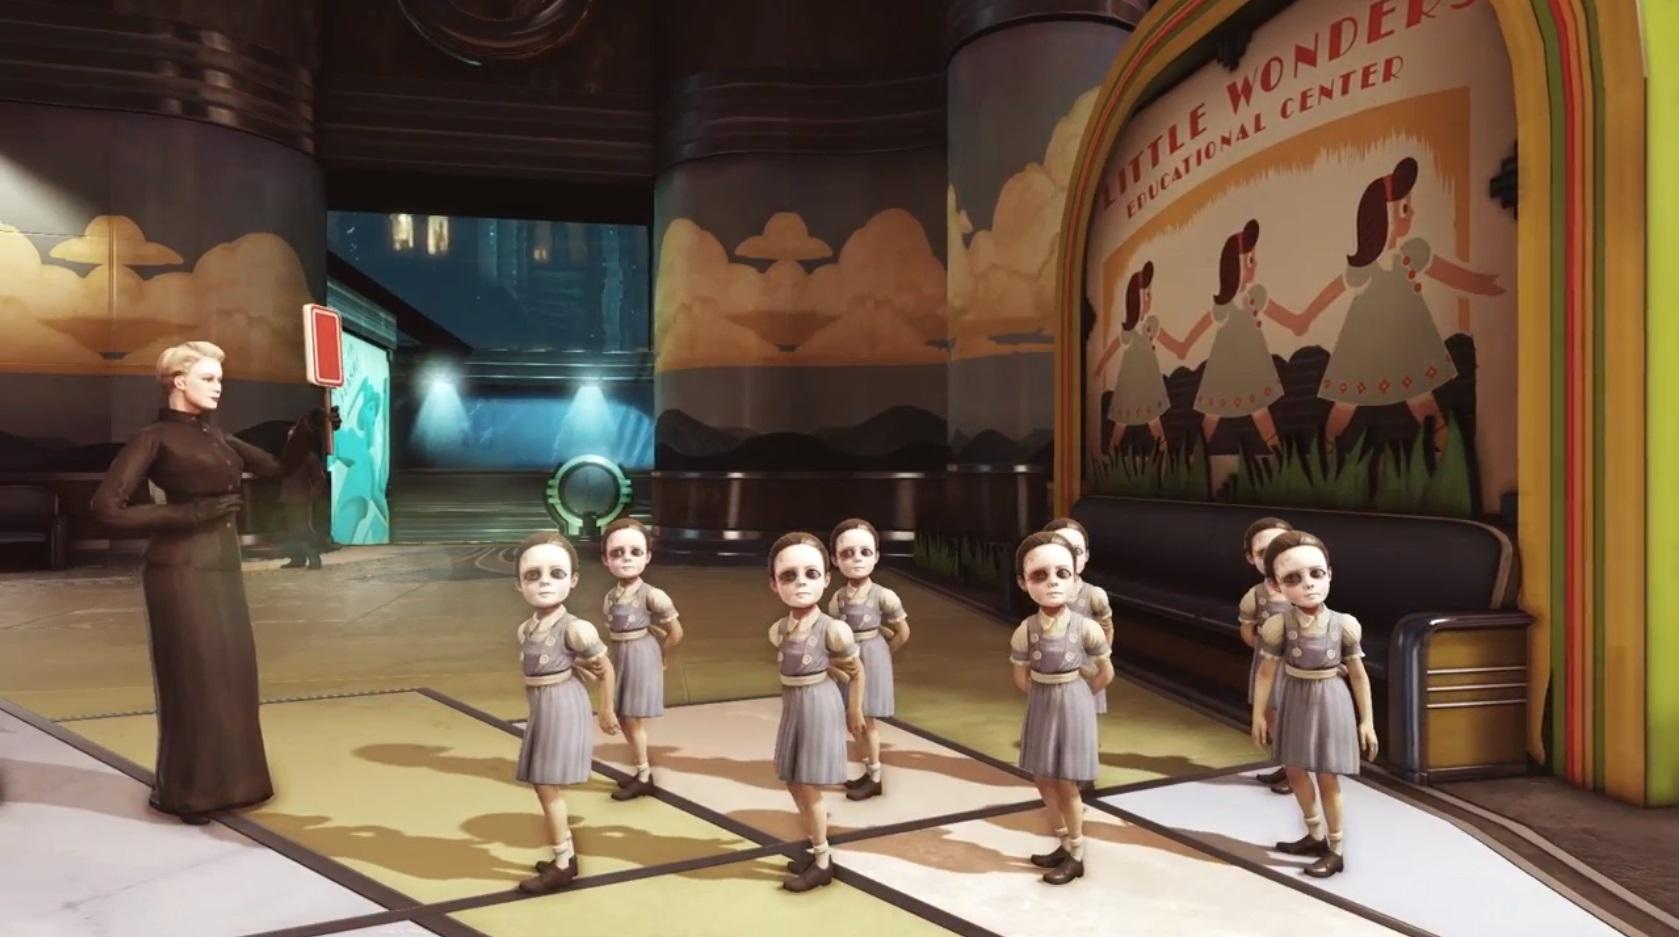 Sorprendente tráiler de BioShock Infinite: Burial at Sea Episode 2